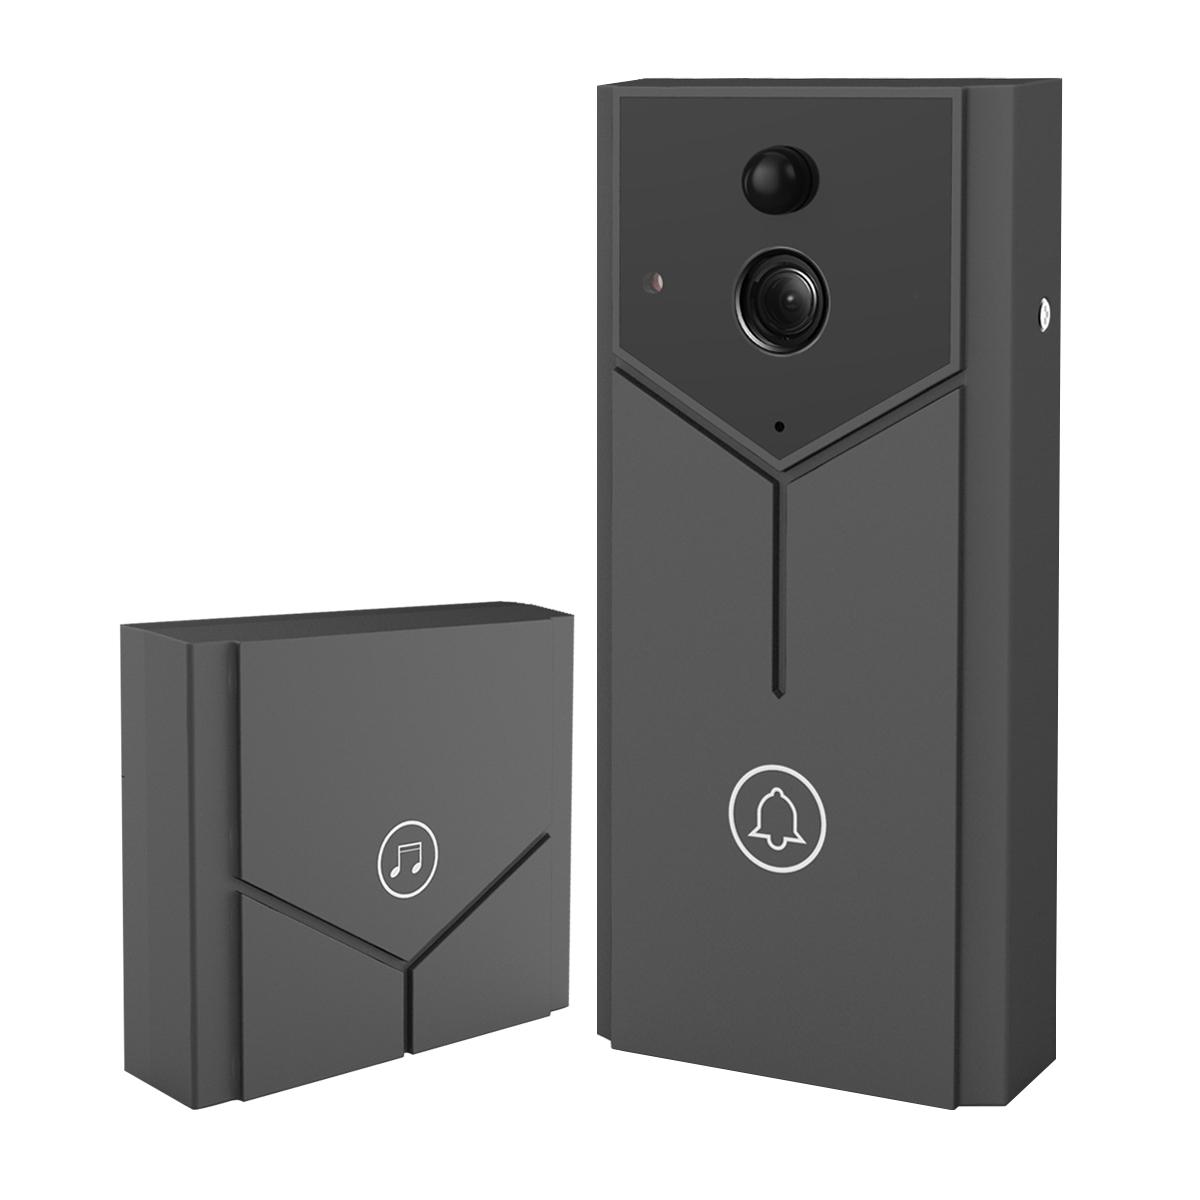 Smart Video Doorbell Kit